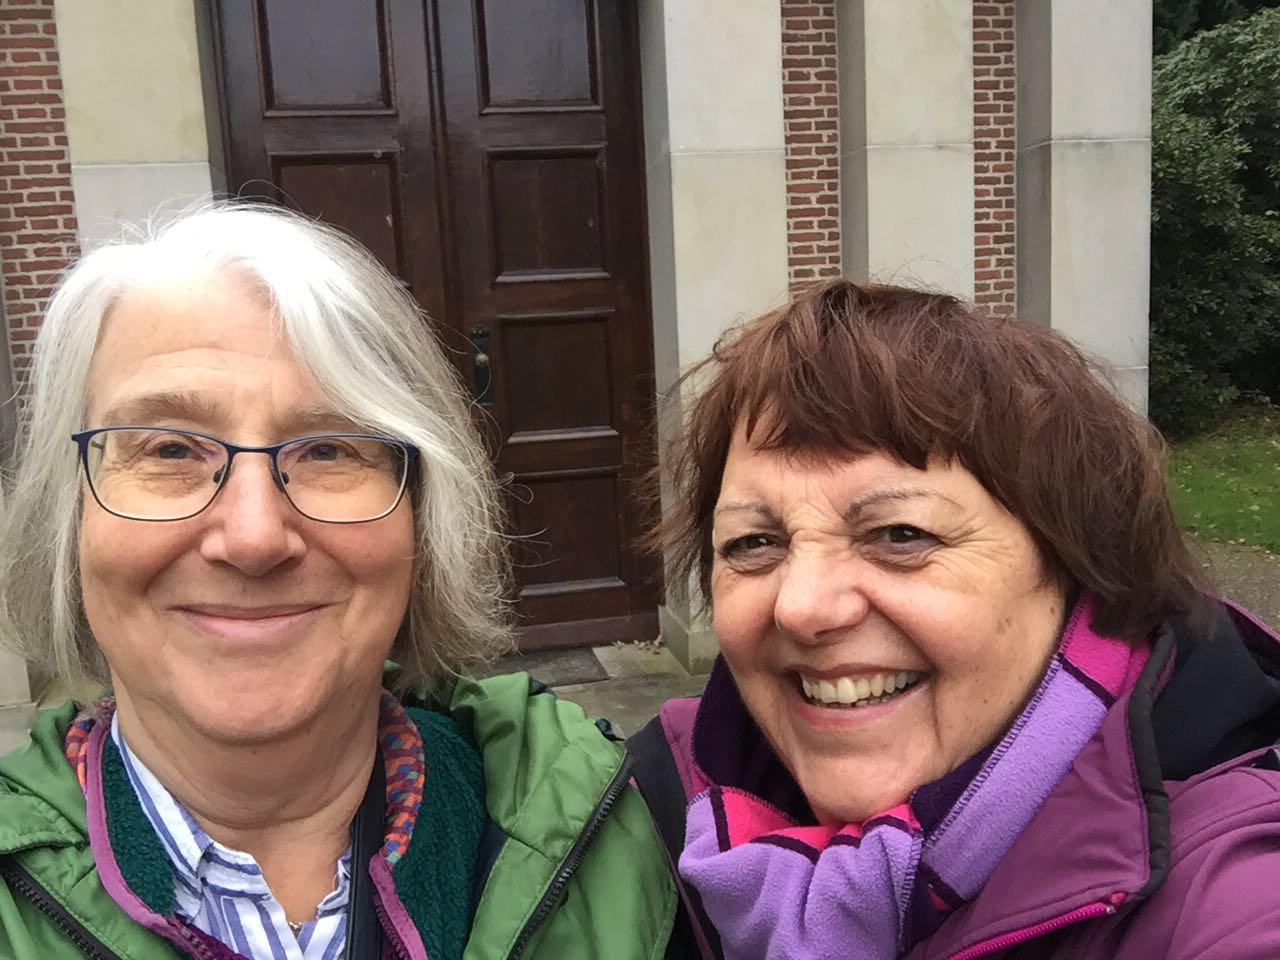 Sue Bennett (left) and Joke van der Leeuw-Roord (right)